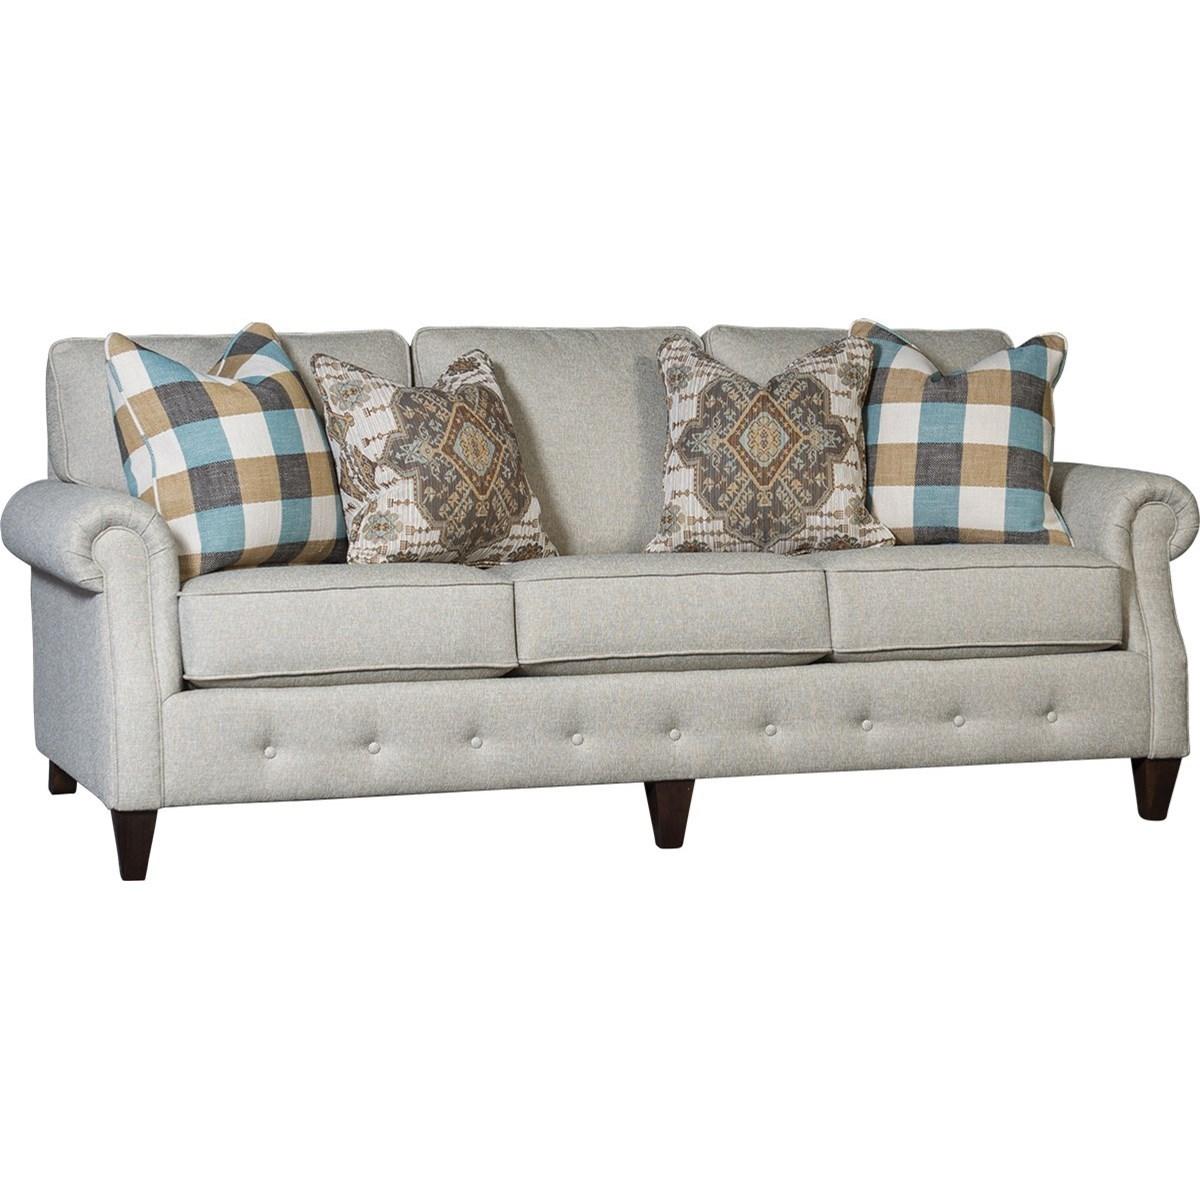 4040 Transitional Sofa by Mayo at Pedigo Furniture